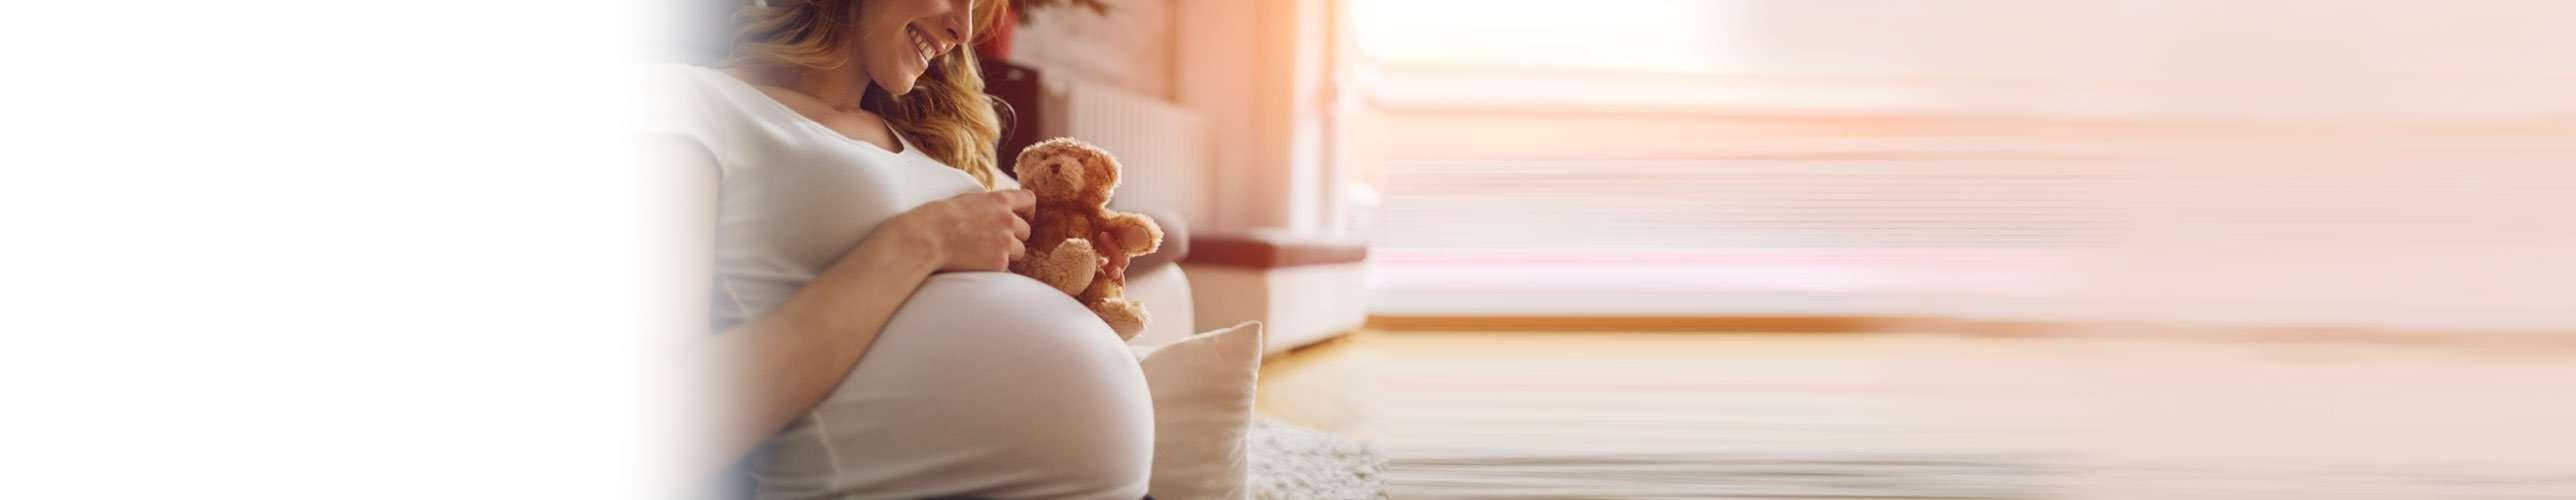 ¿Cómo mejorar tu tasa de embarazo?